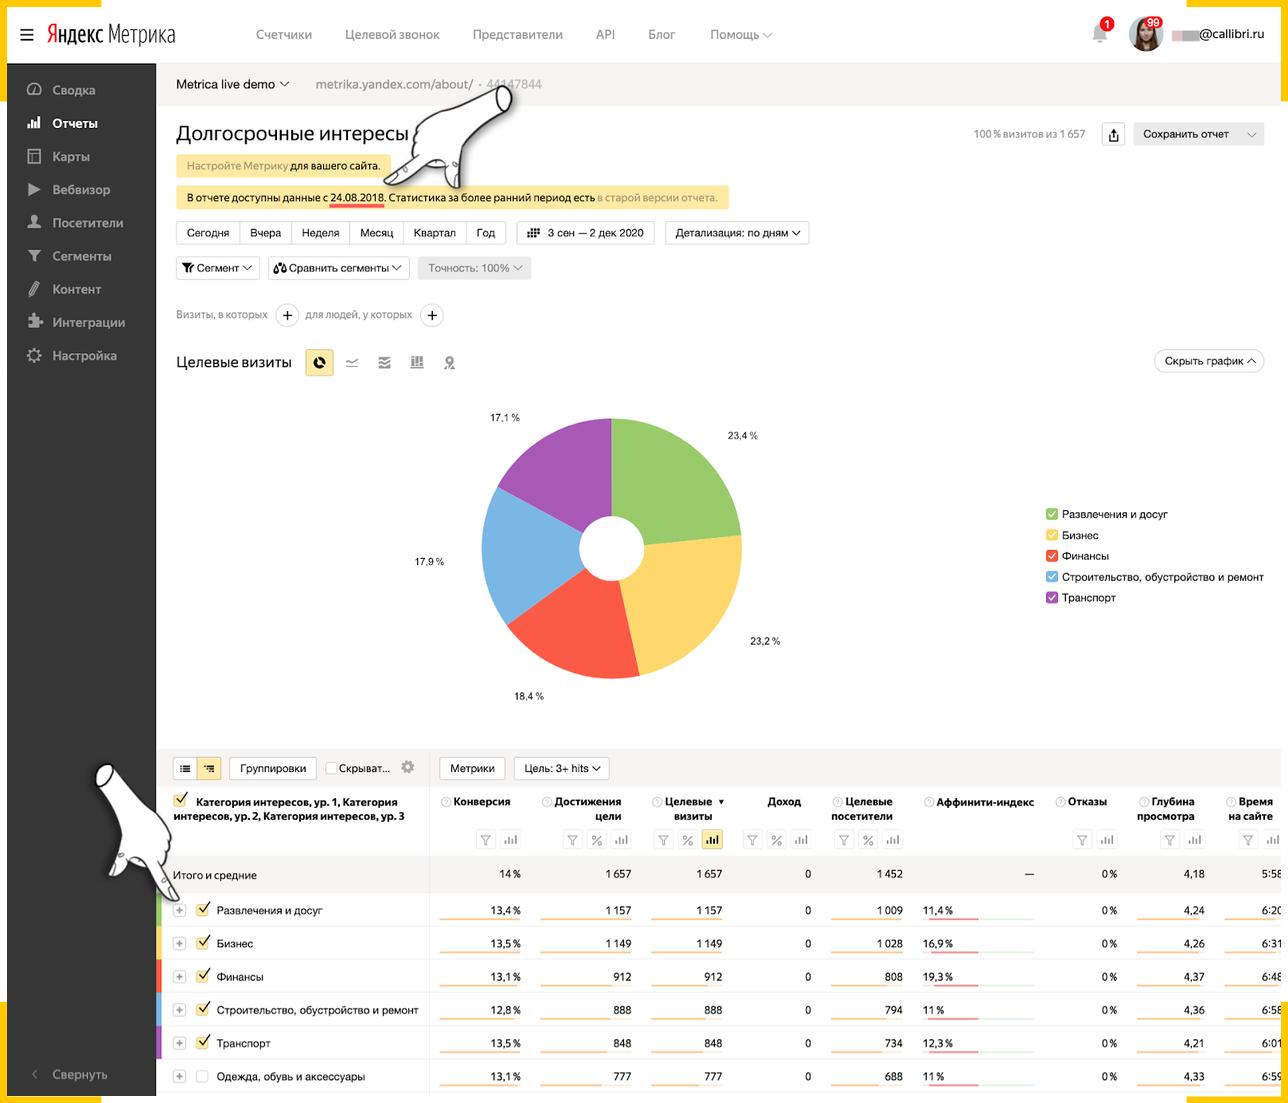 Долгосрочные интересы в Яндекс.Метрике позволяют определить склонности ЦА к чему-либо